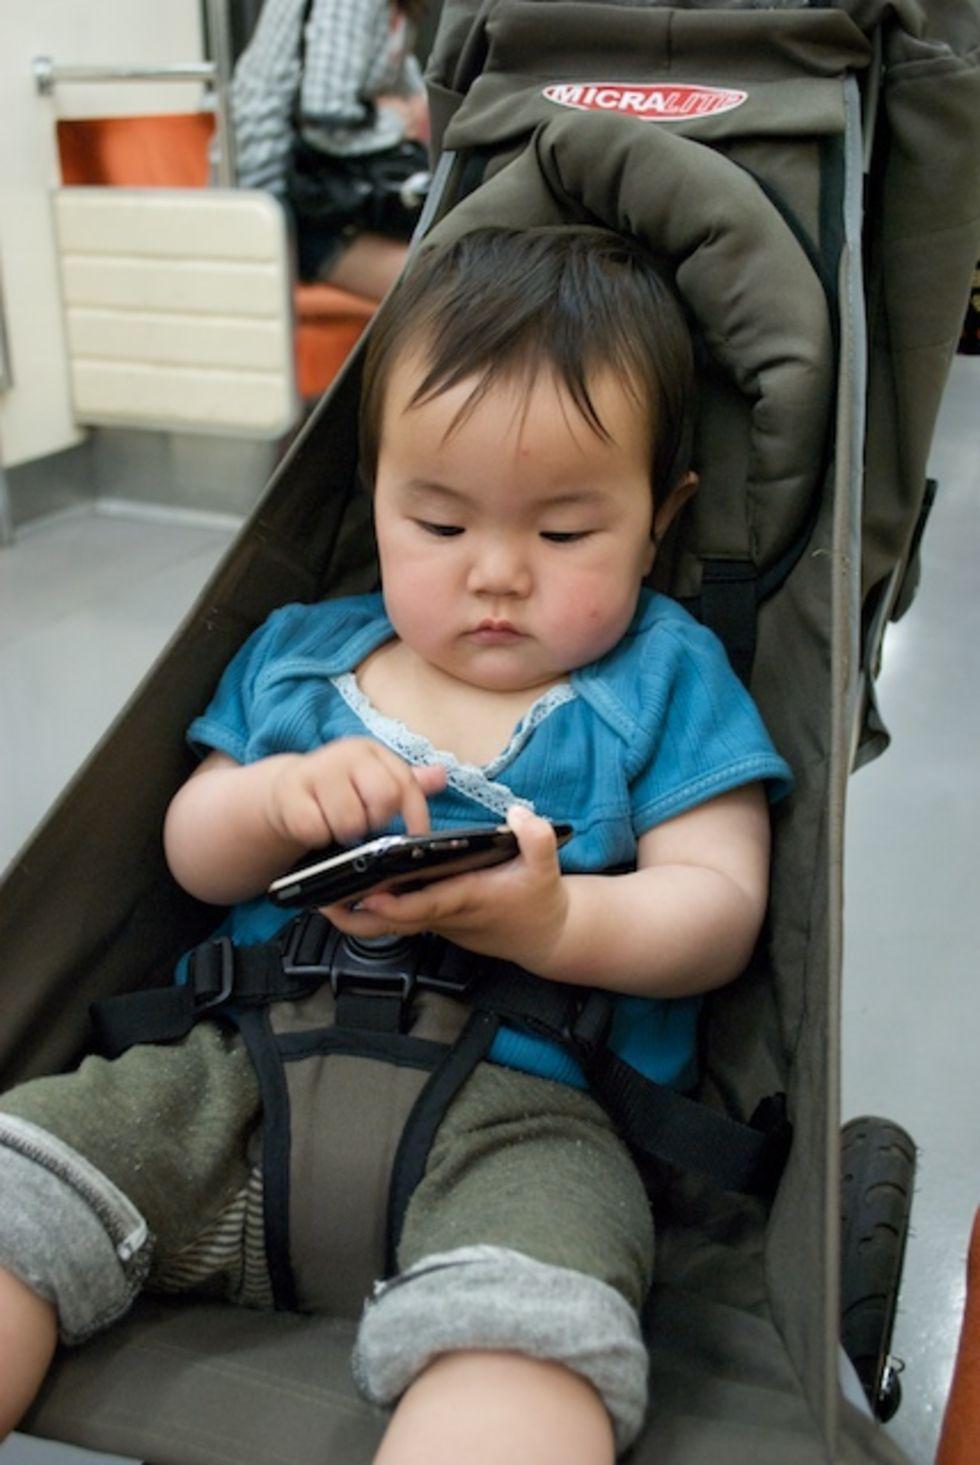 Att låta barn leka med smartphones kan vara utvecklande ...